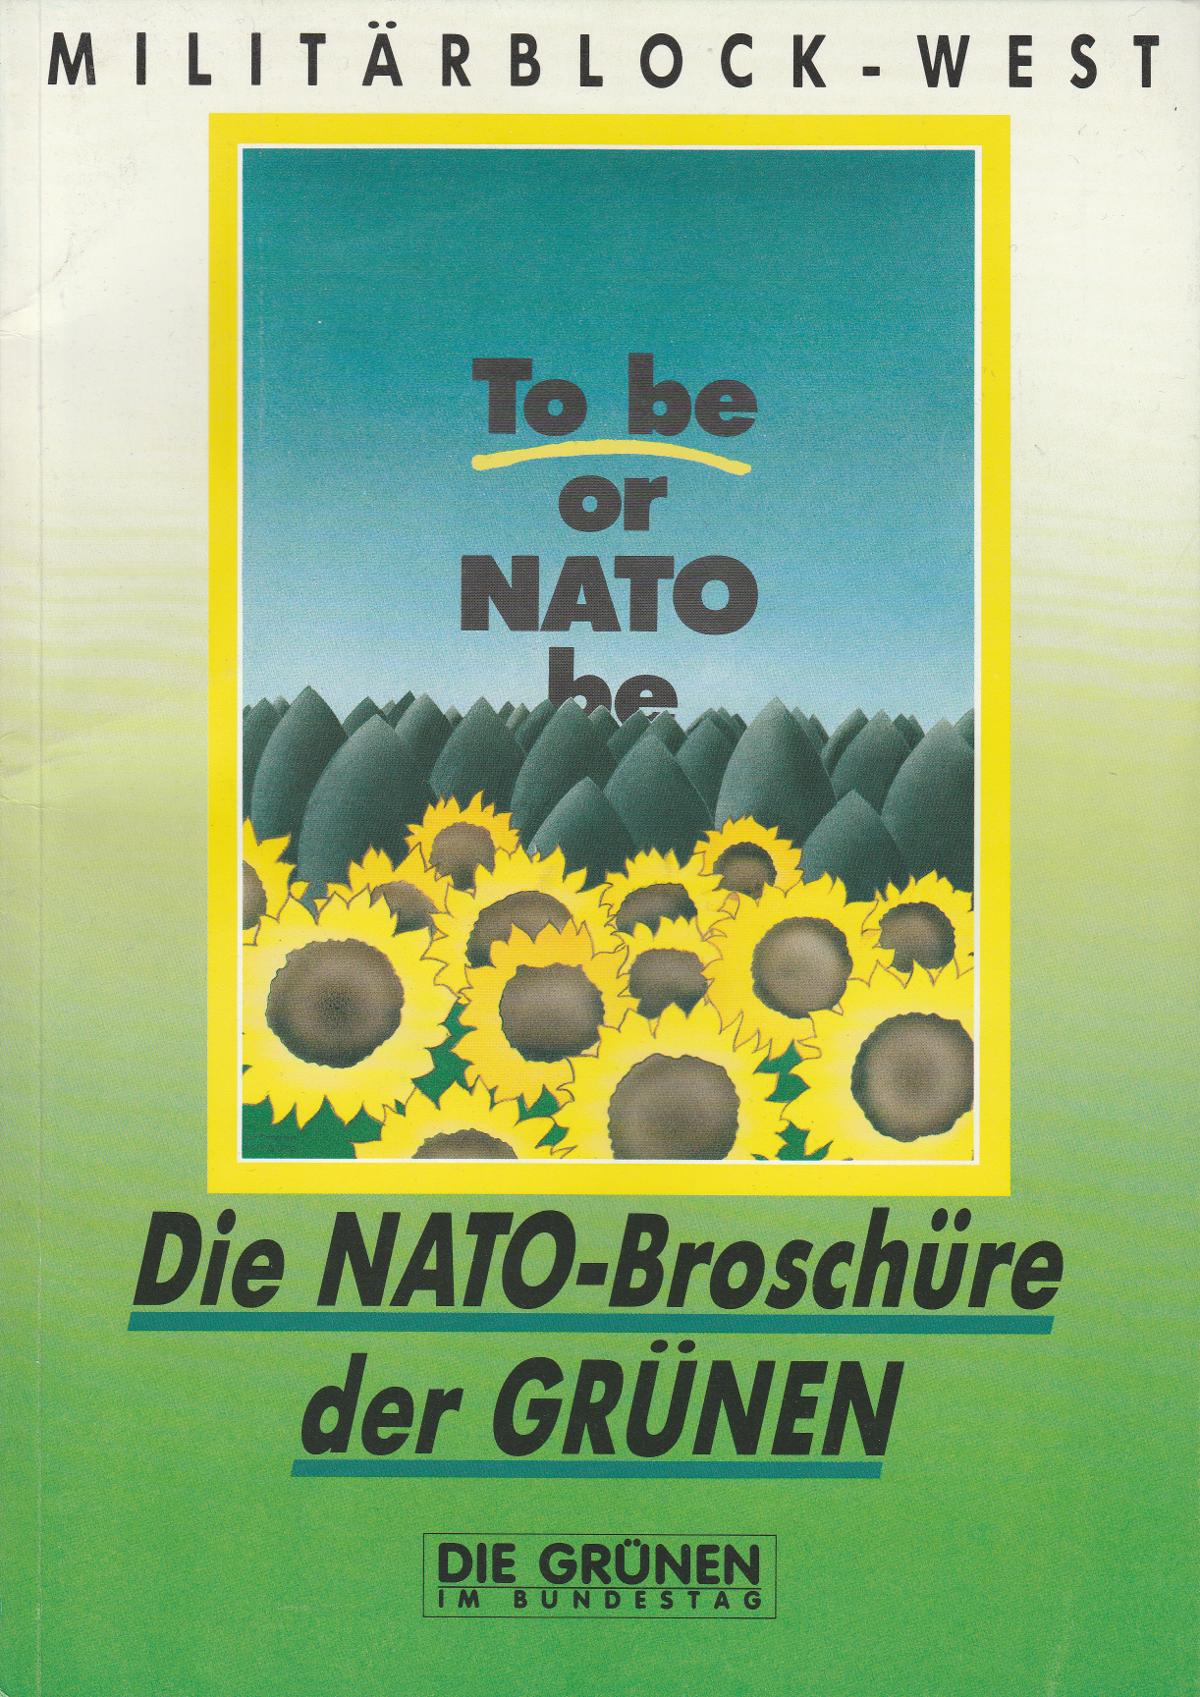 """Titelseite der Broschüre """"Militärblock West – To be or NATO be – Die NATO-Broschüre der Grünen"""""""